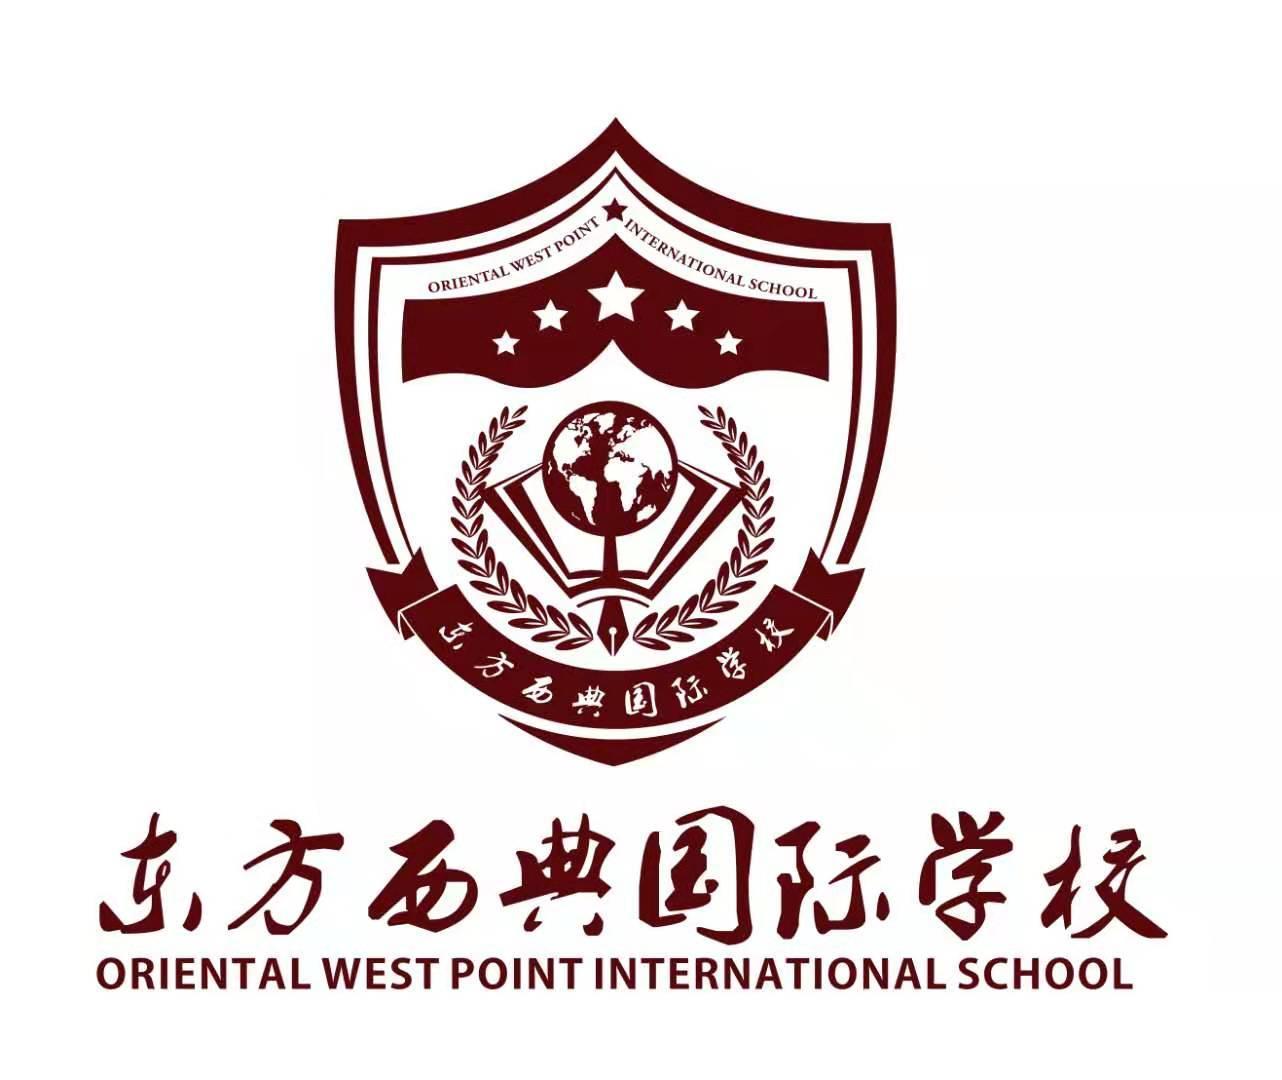 永城市东方西典学校